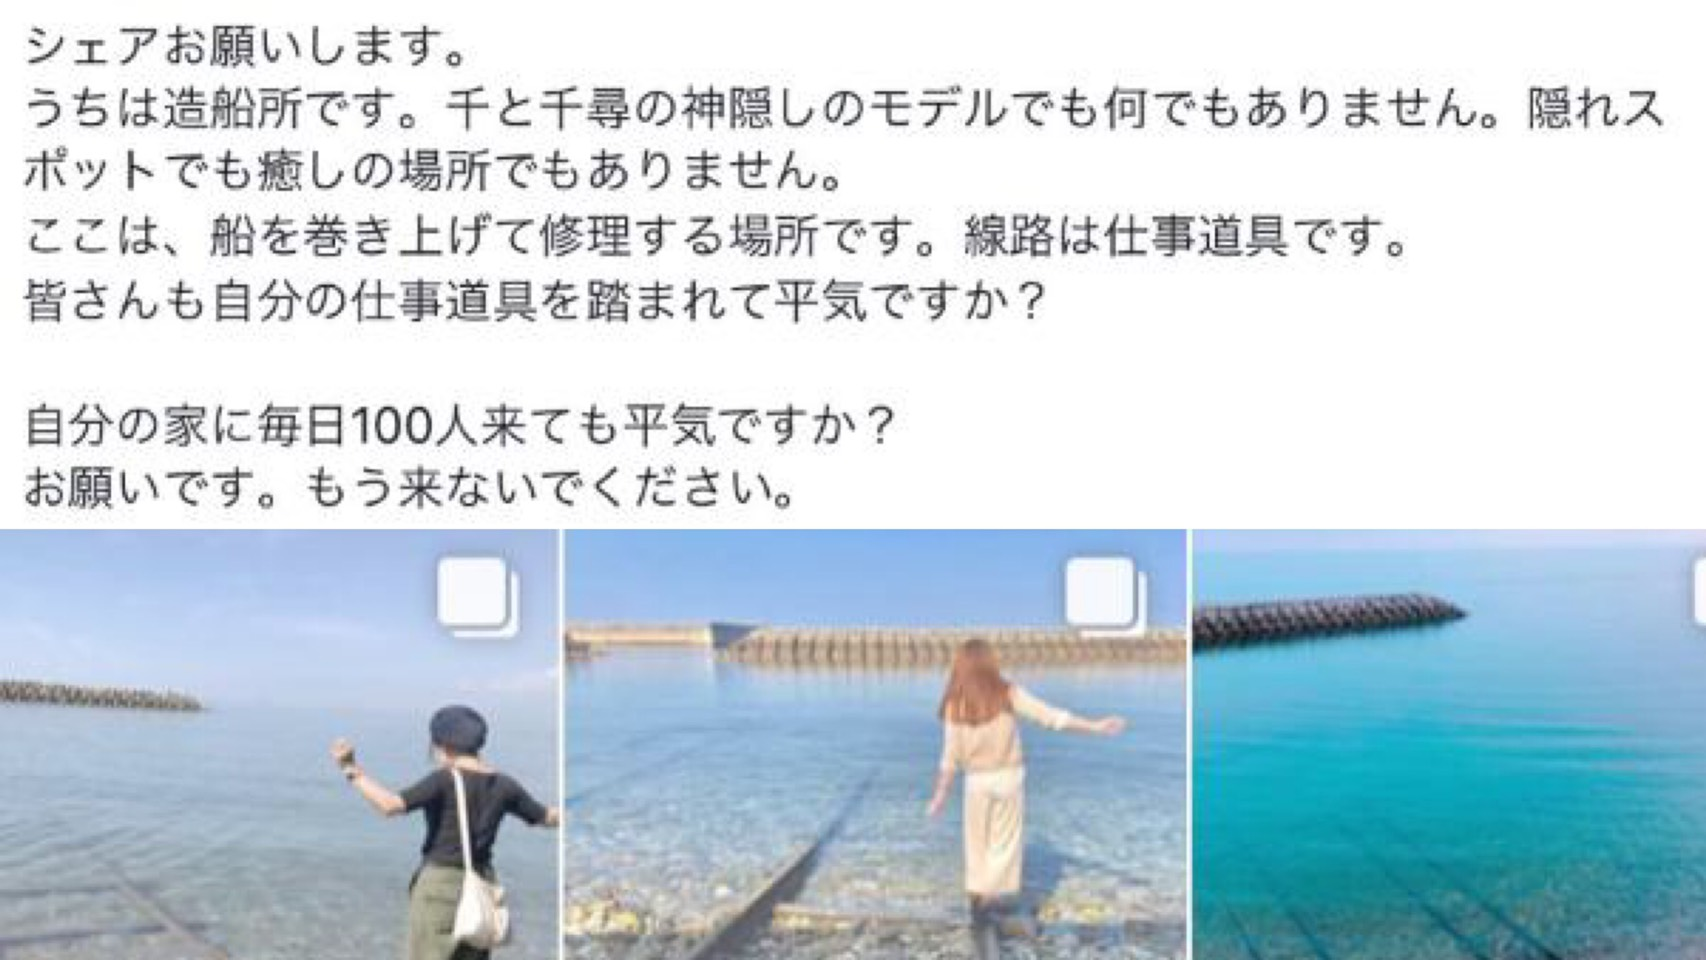 千と千尋の神隠しの「水の中の線路」のモデルというデマを流され愛媛県下灘駅の造船所に不法侵入が頻発!住民は大迷惑!